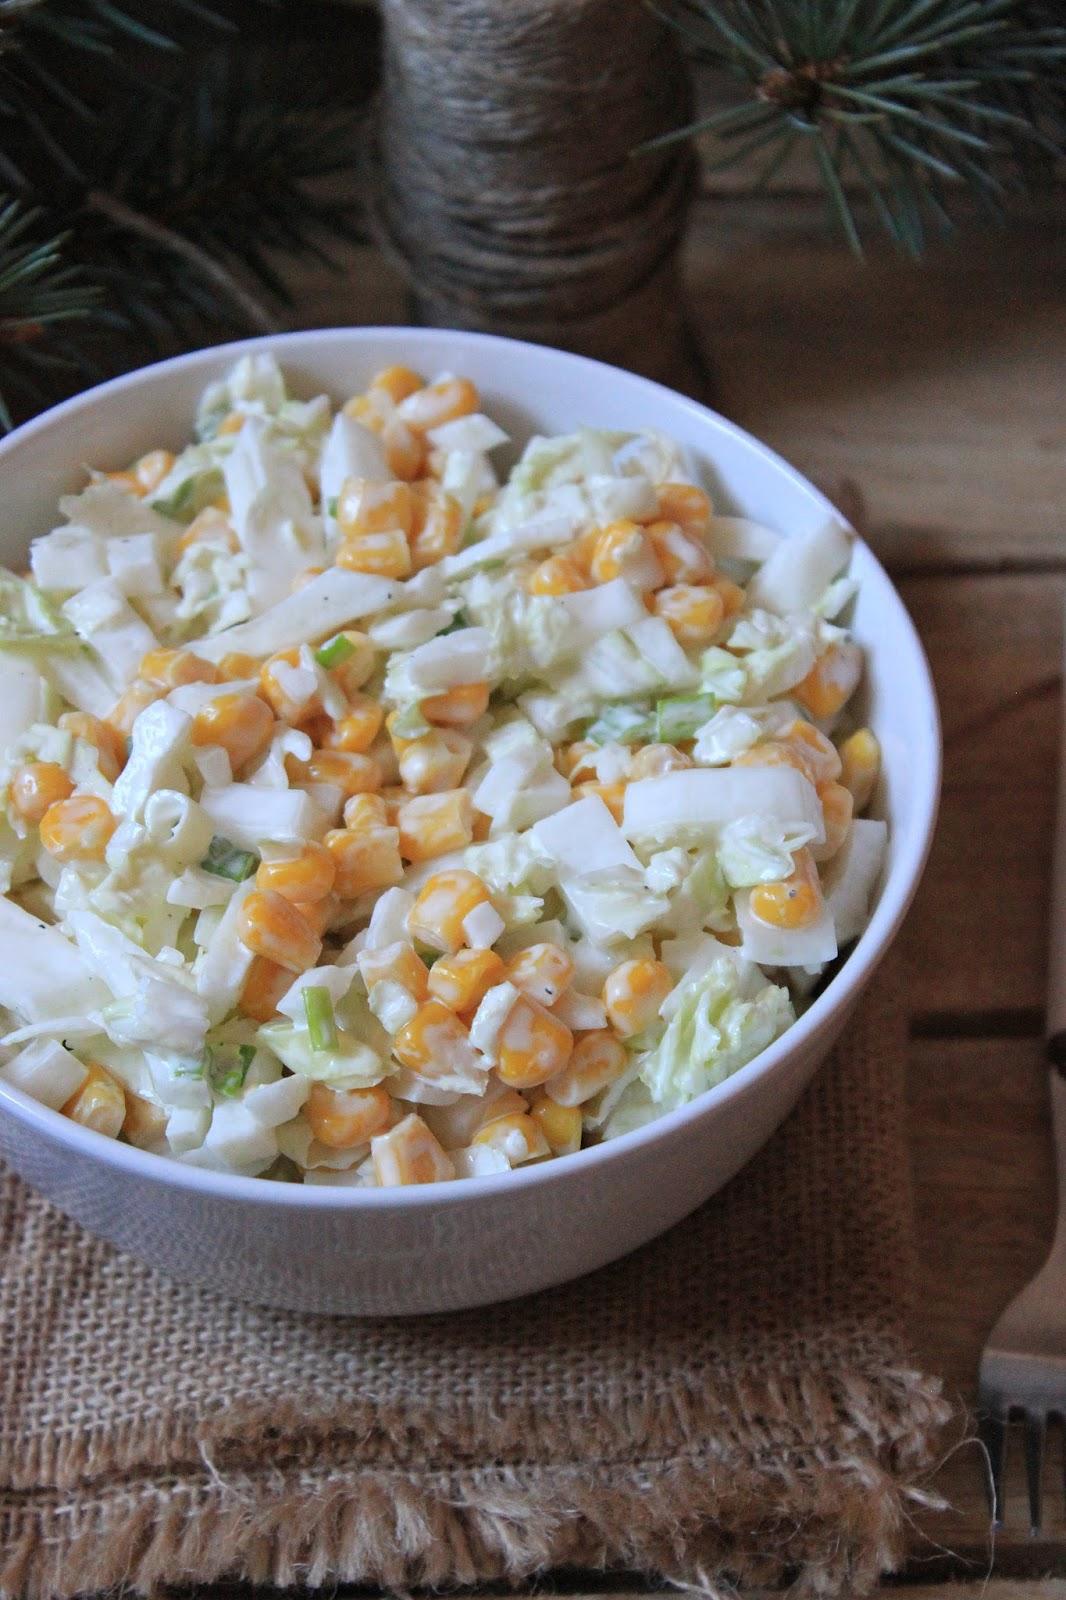 Buraczki Tarte Do Obiadu Tysia Gotuje Blog Kulinarny